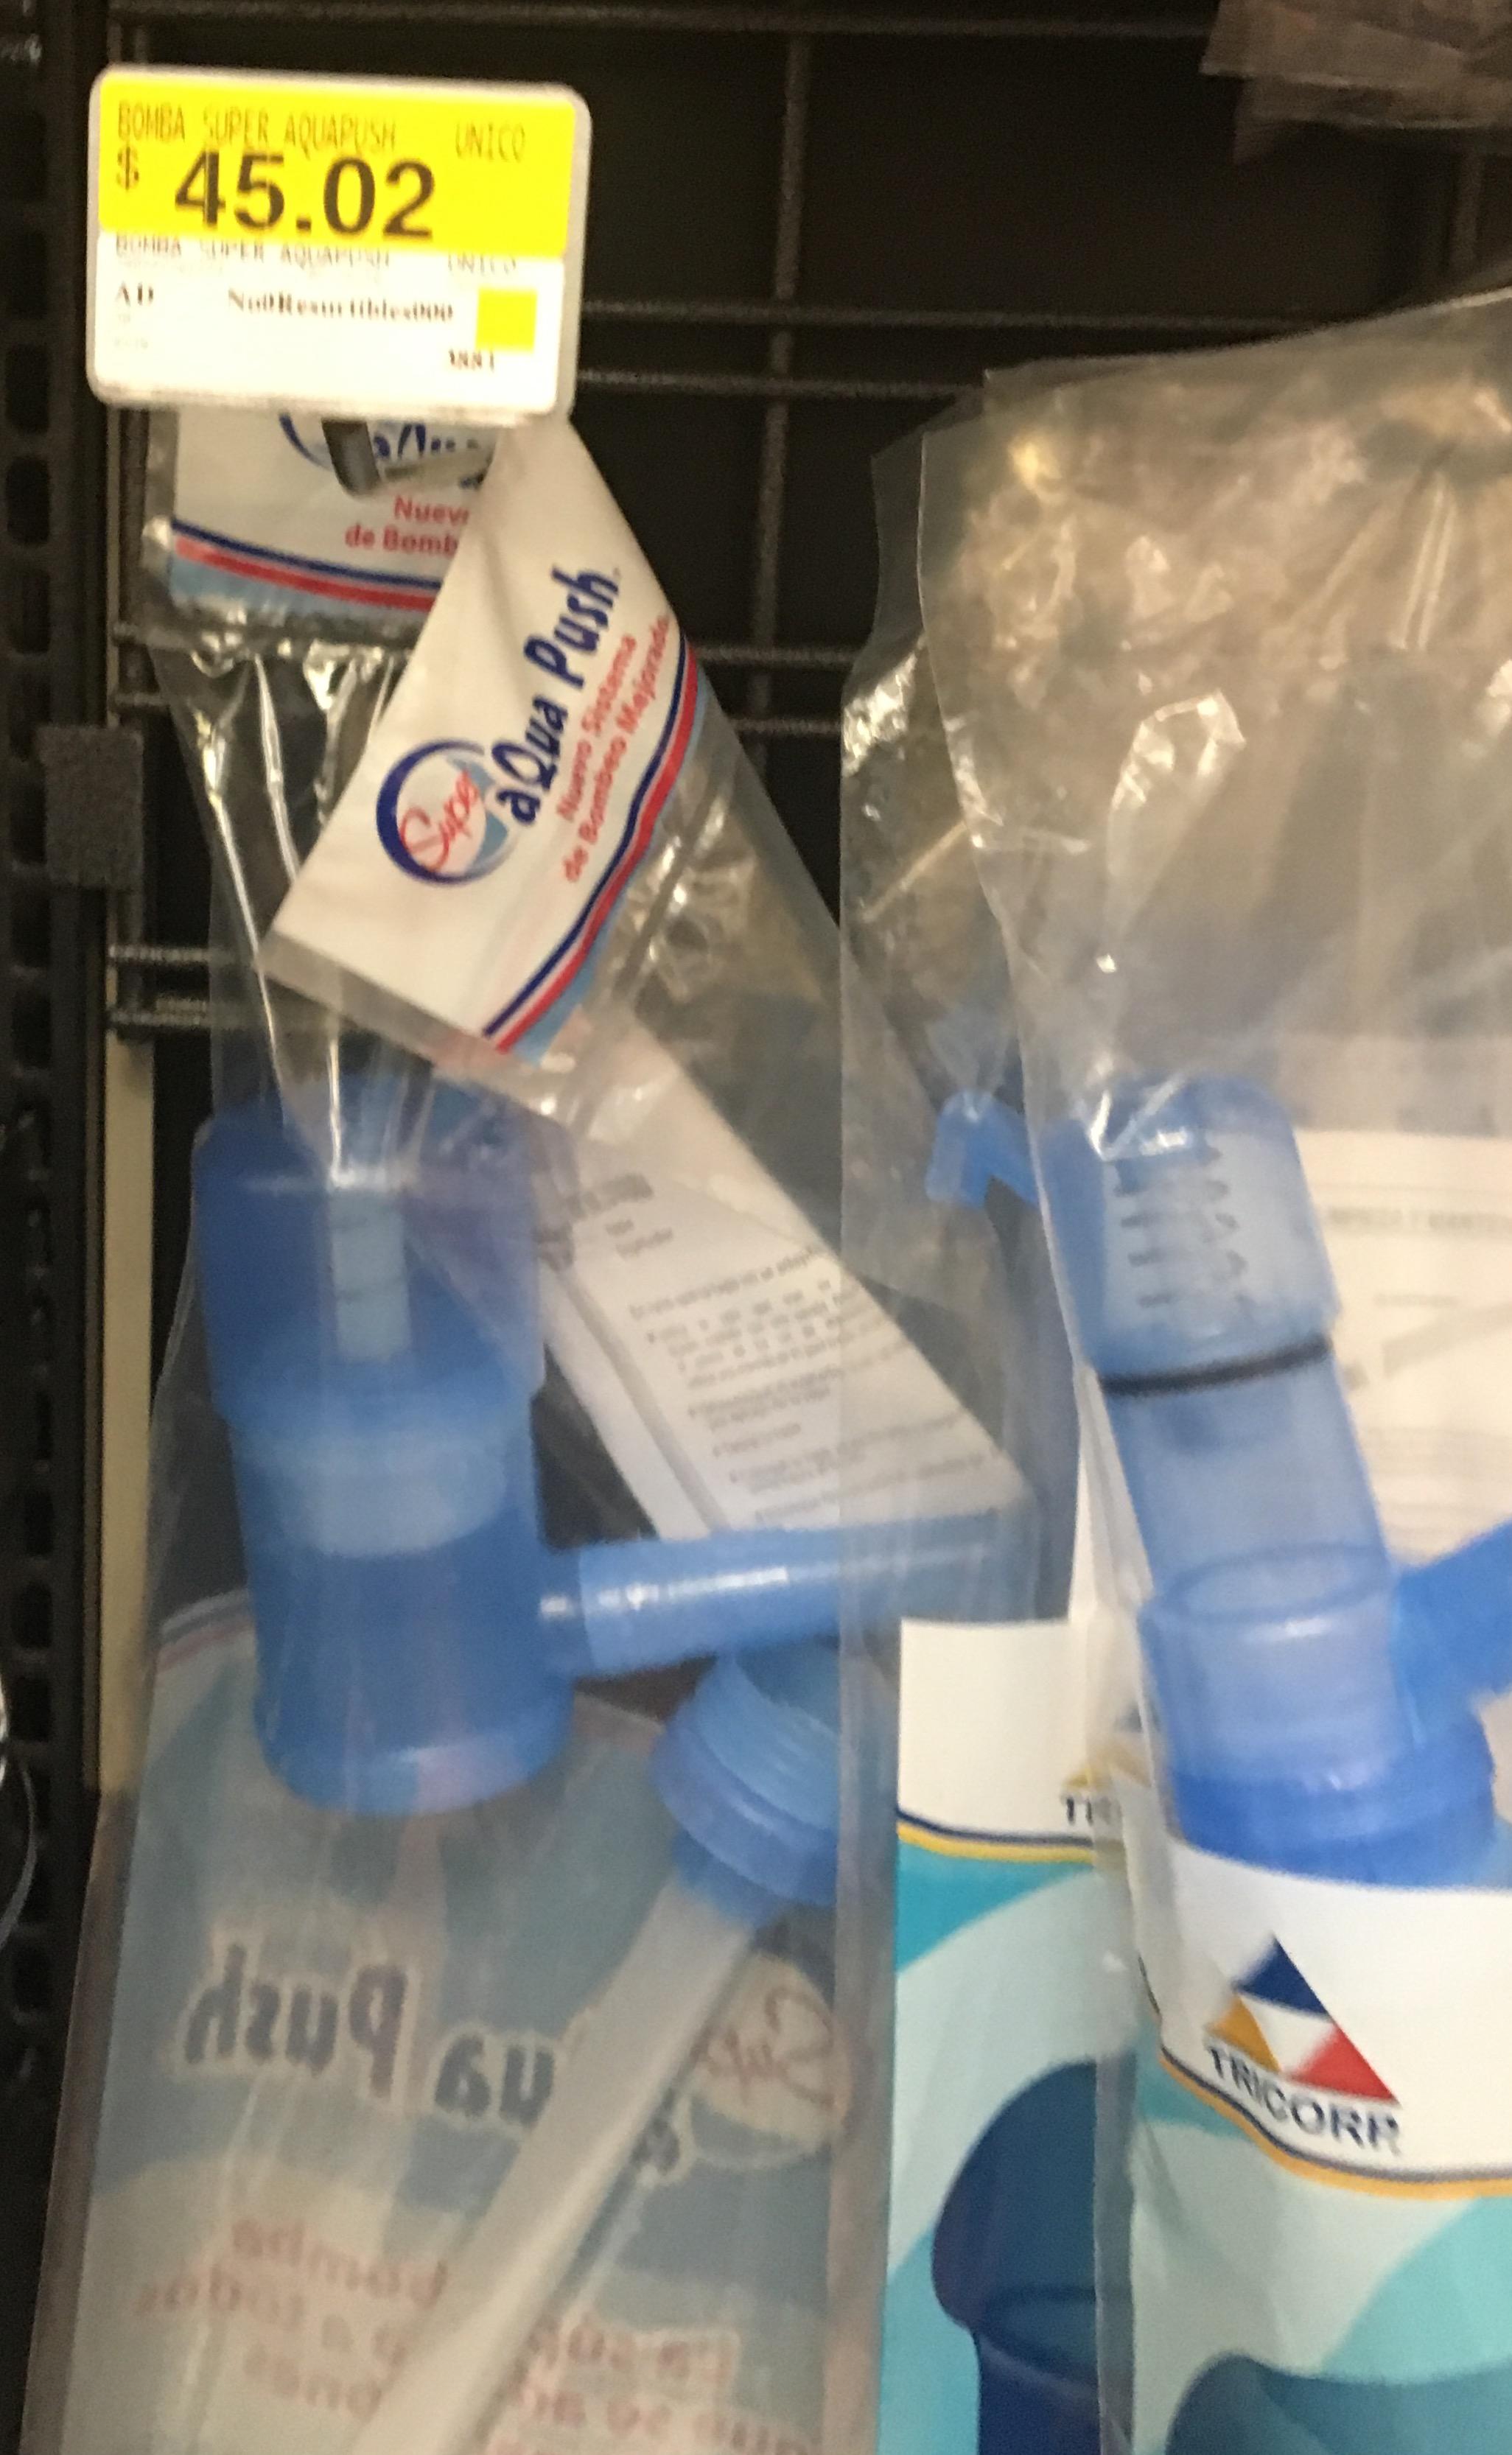 Walmart Plateros: bomba para agua marca Super Aqua Push a $45.02